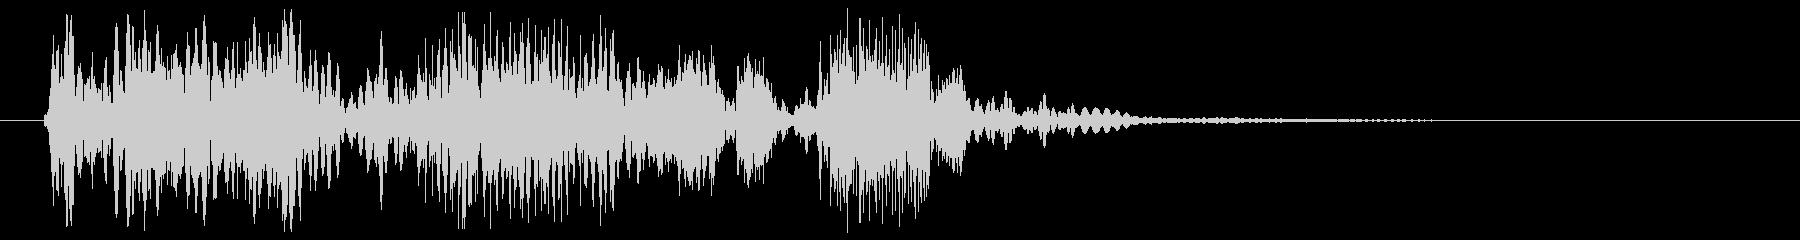 衝撃変化、モーフ、ドラム、チャープ...の未再生の波形